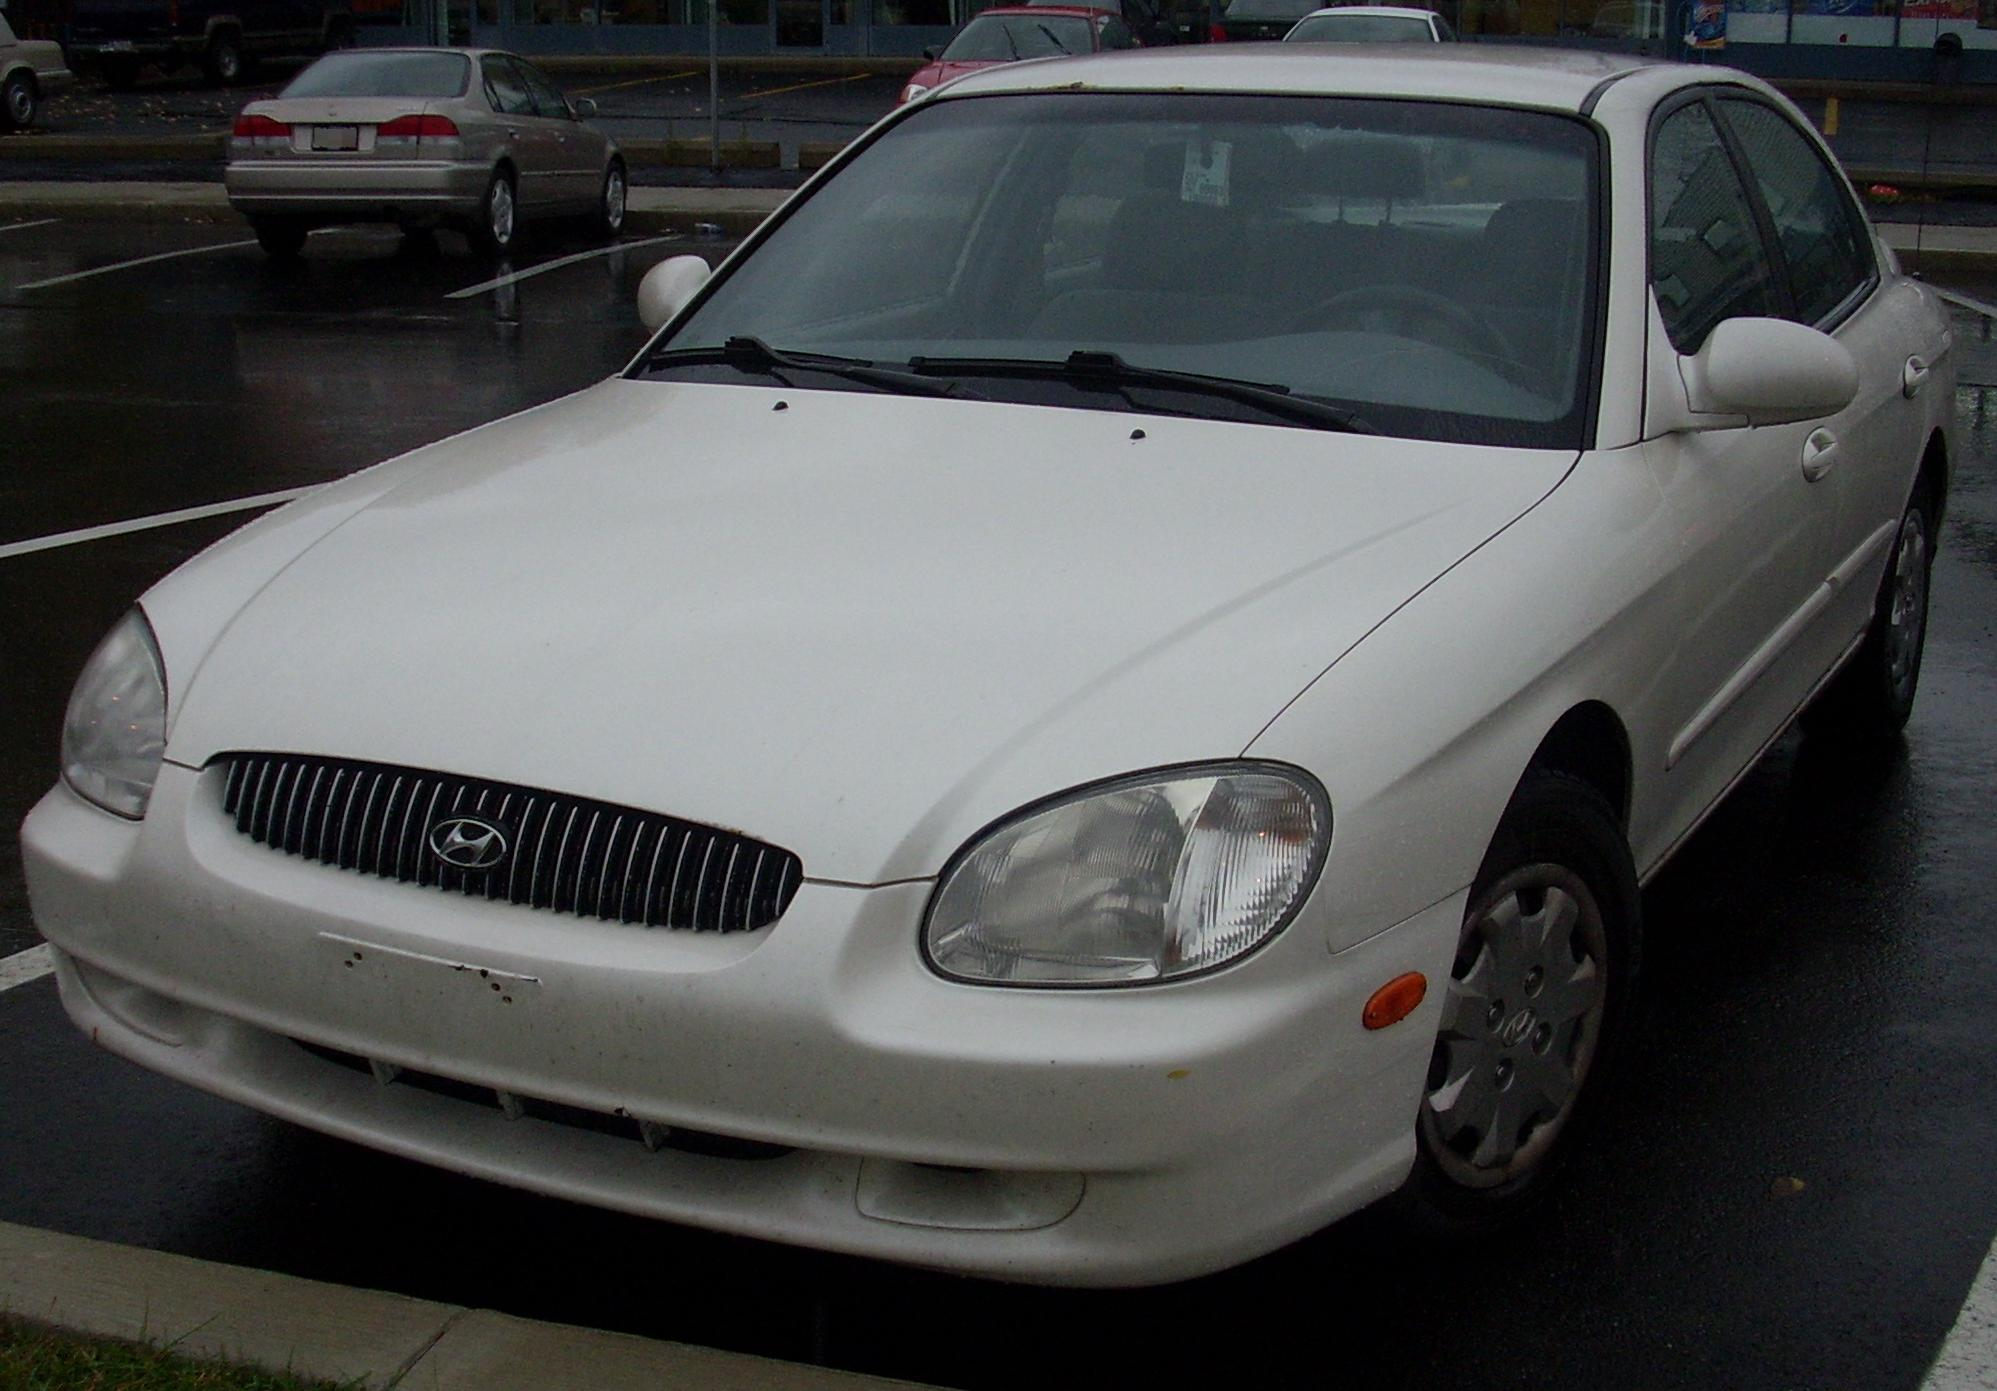 File:'01 Hyundai Sonata.jpg - Wikimedia Commons